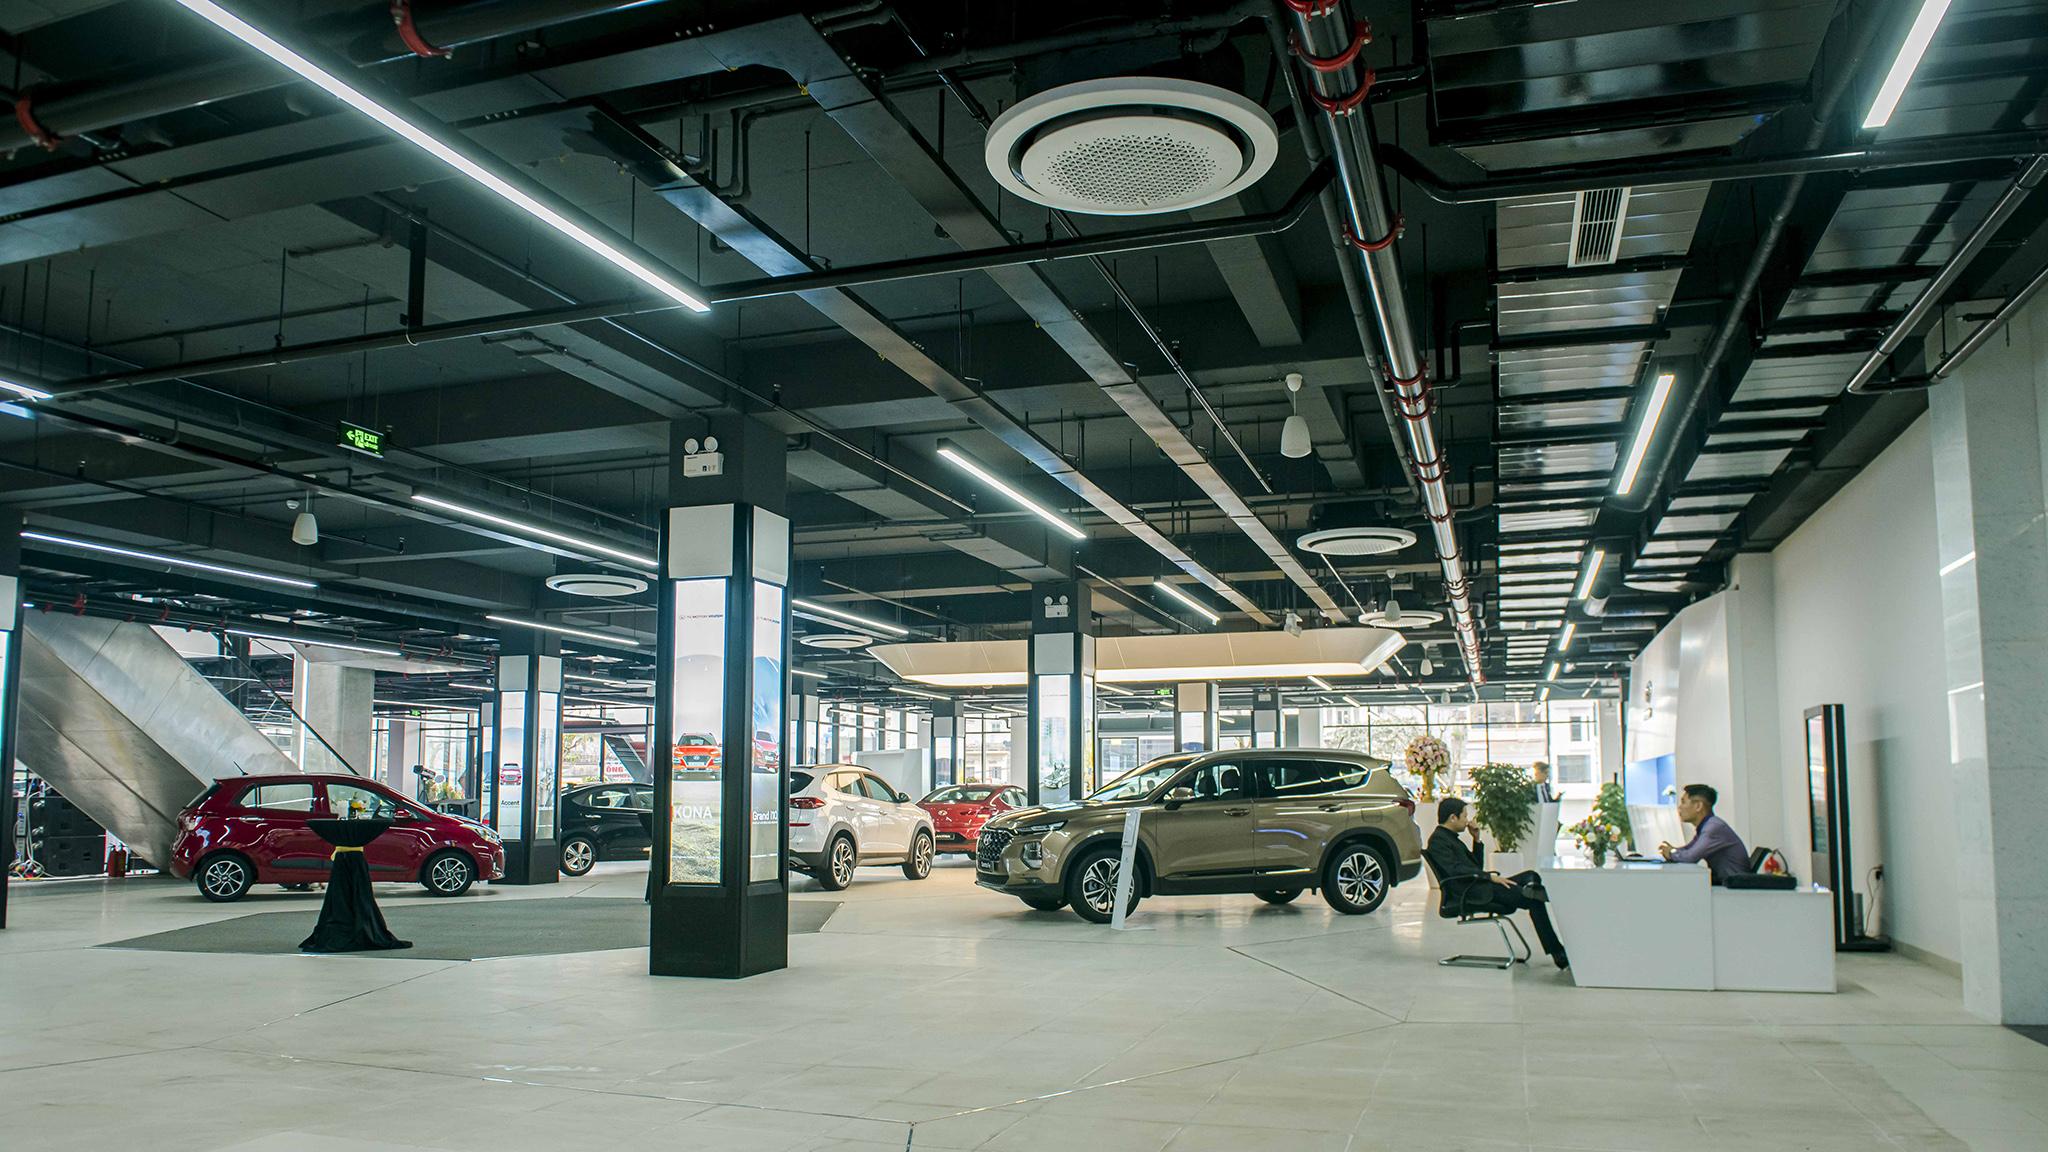 Trung tâm trải nghiệm sản phẩm và dịch vụ Hyundai